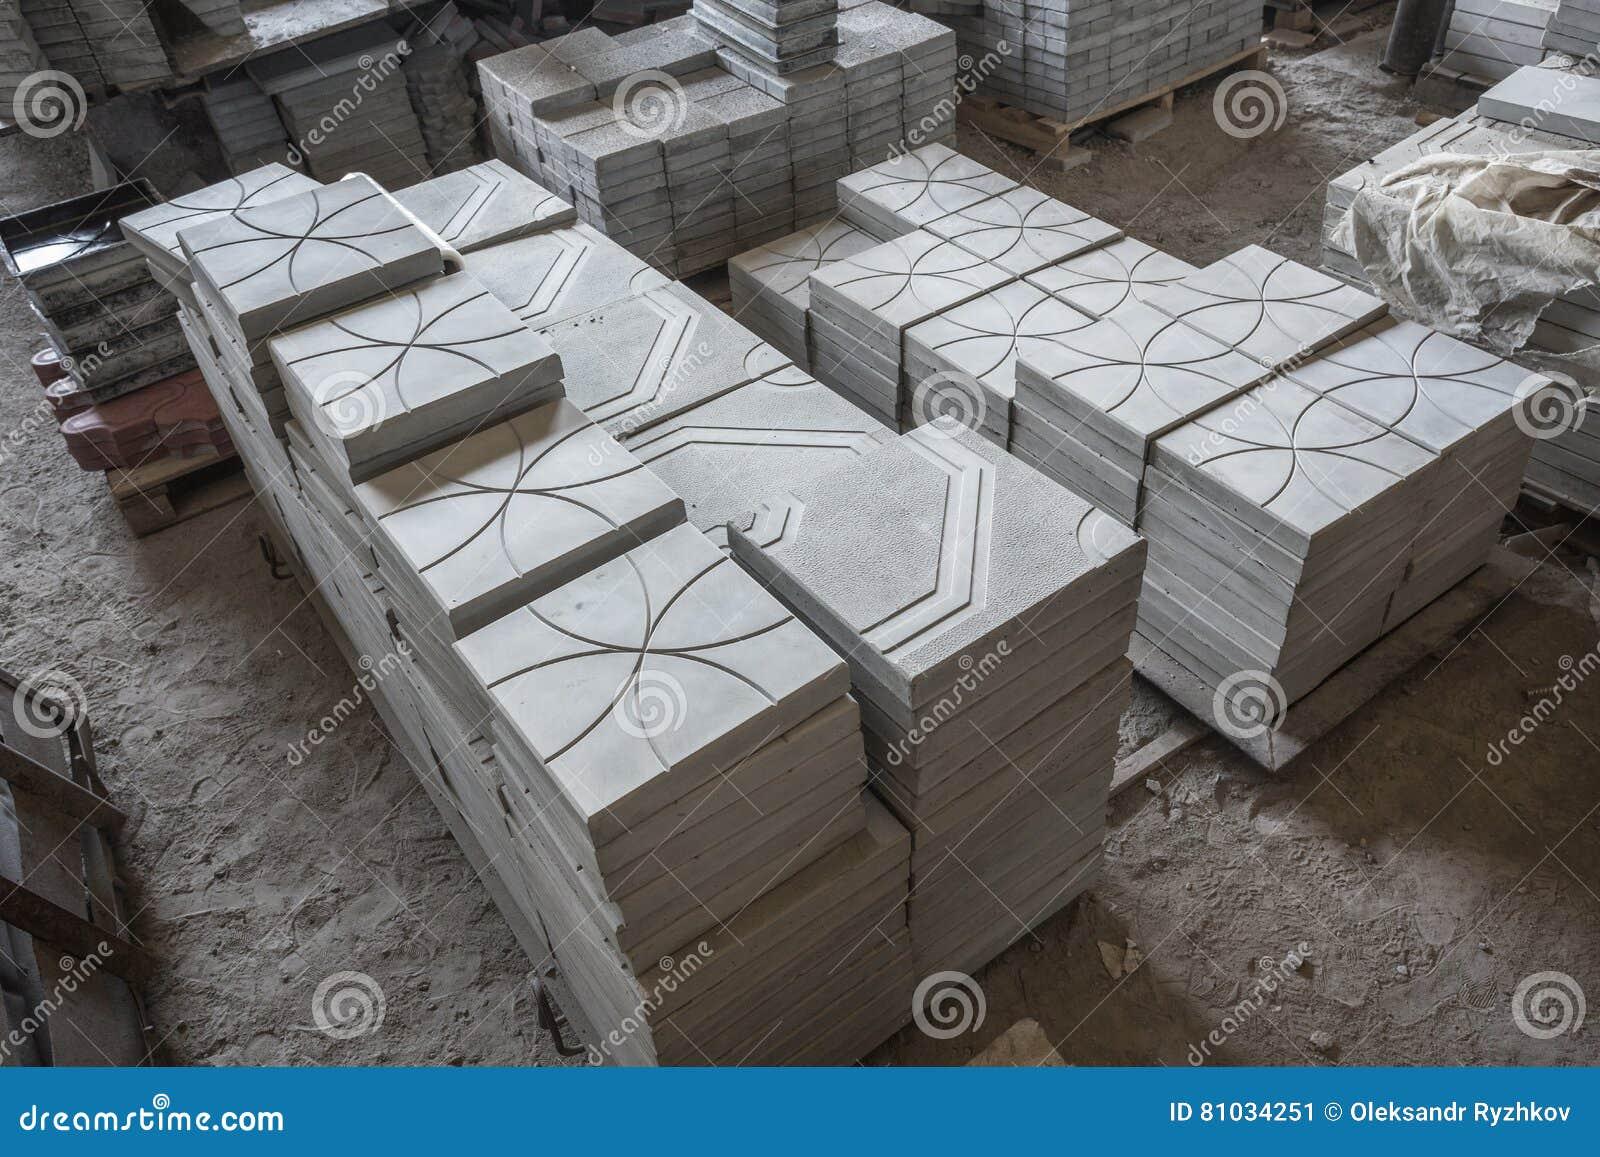 Pila di lastre prefabbricate del cemento armato in un officina